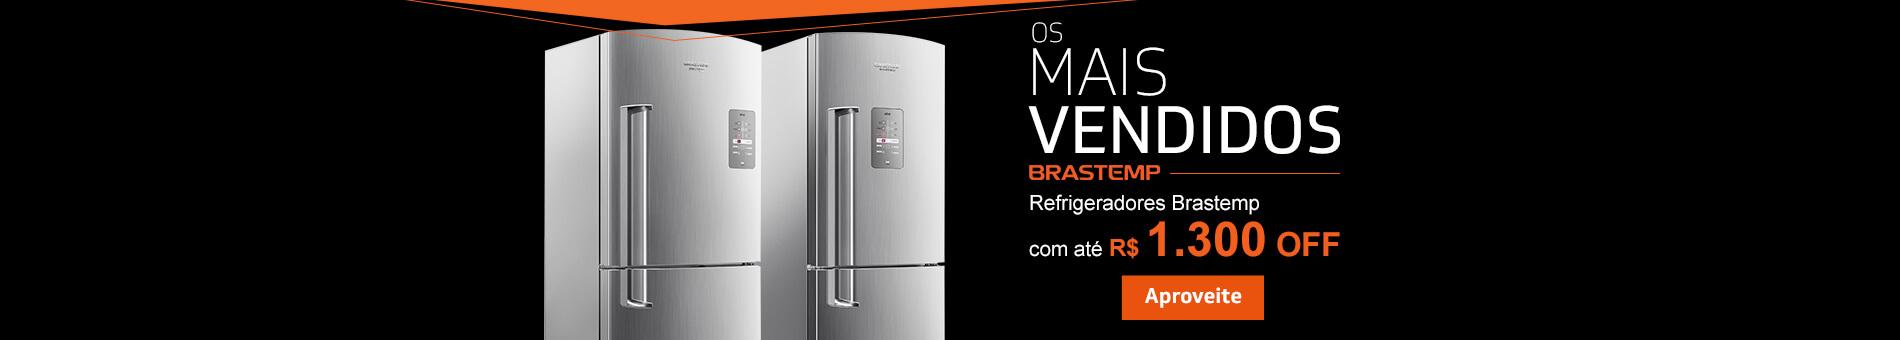 Promoção Interna - 923 - osmaisvendidos_refrigeradores_home2_30092016 - refrigeradores - 2